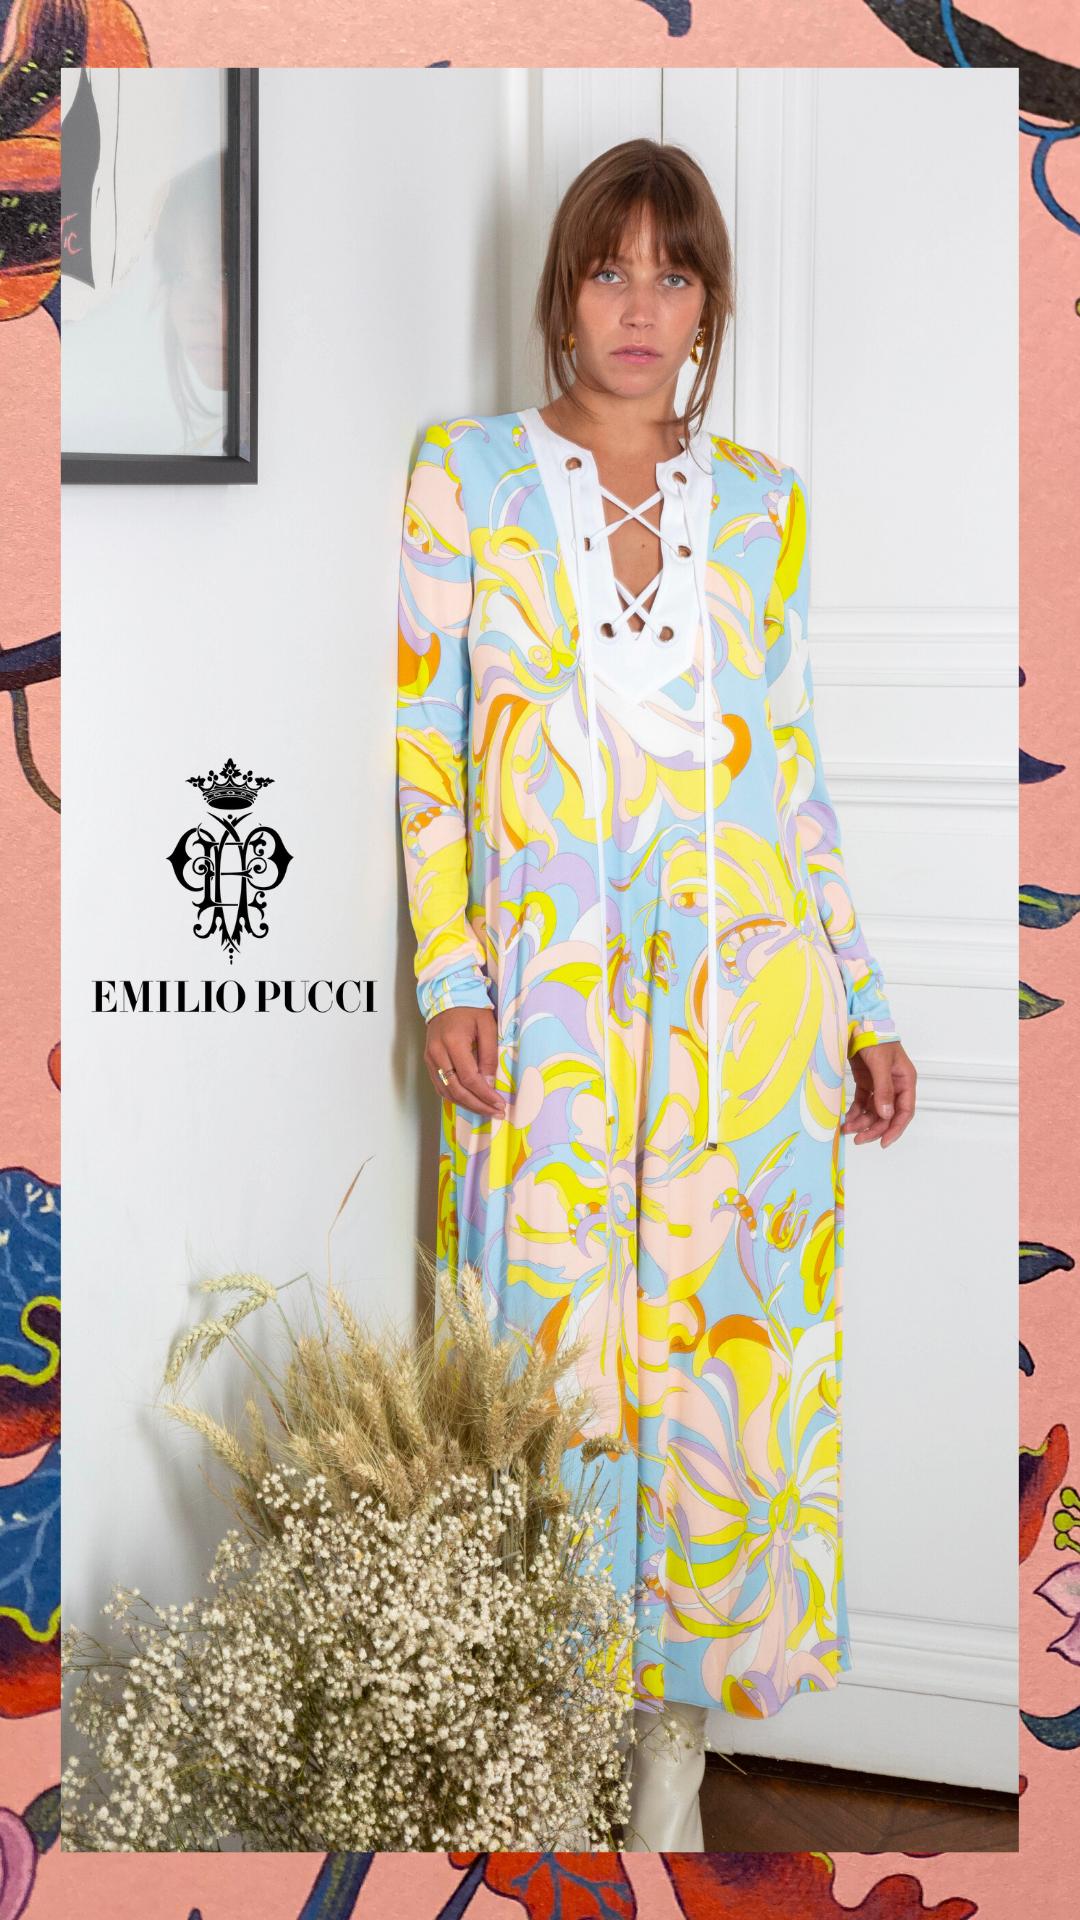 Emilio Pucci Dress - 800€